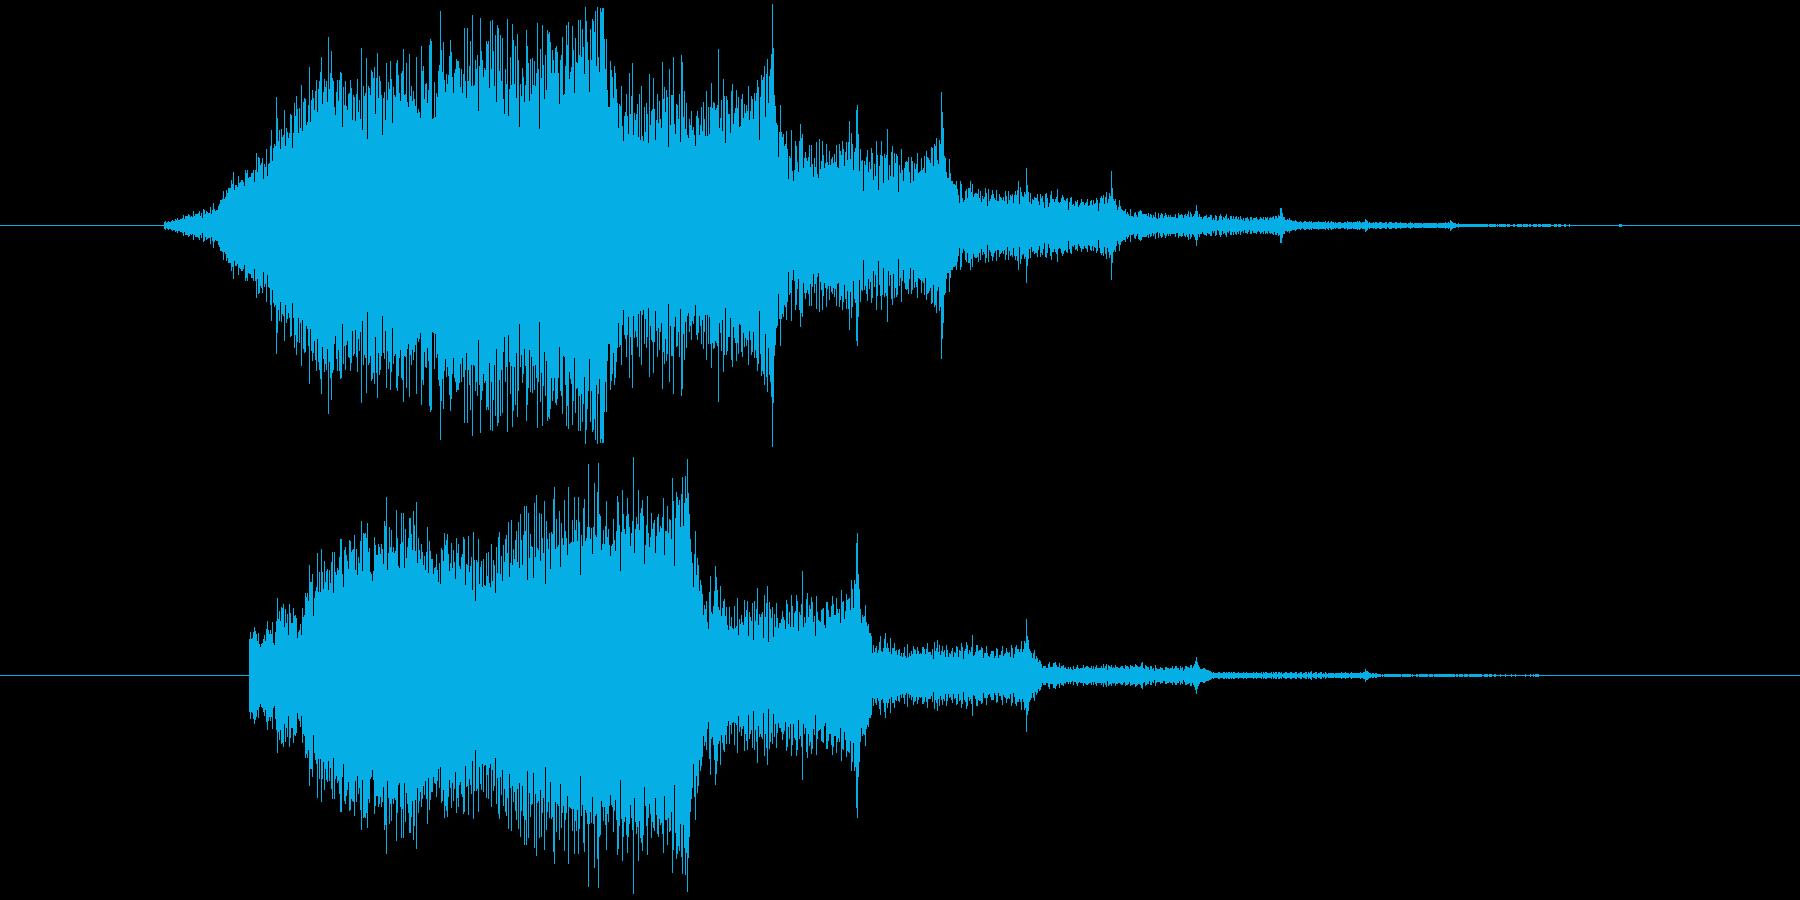 キーンというホラー系の効果音 の再生済みの波形